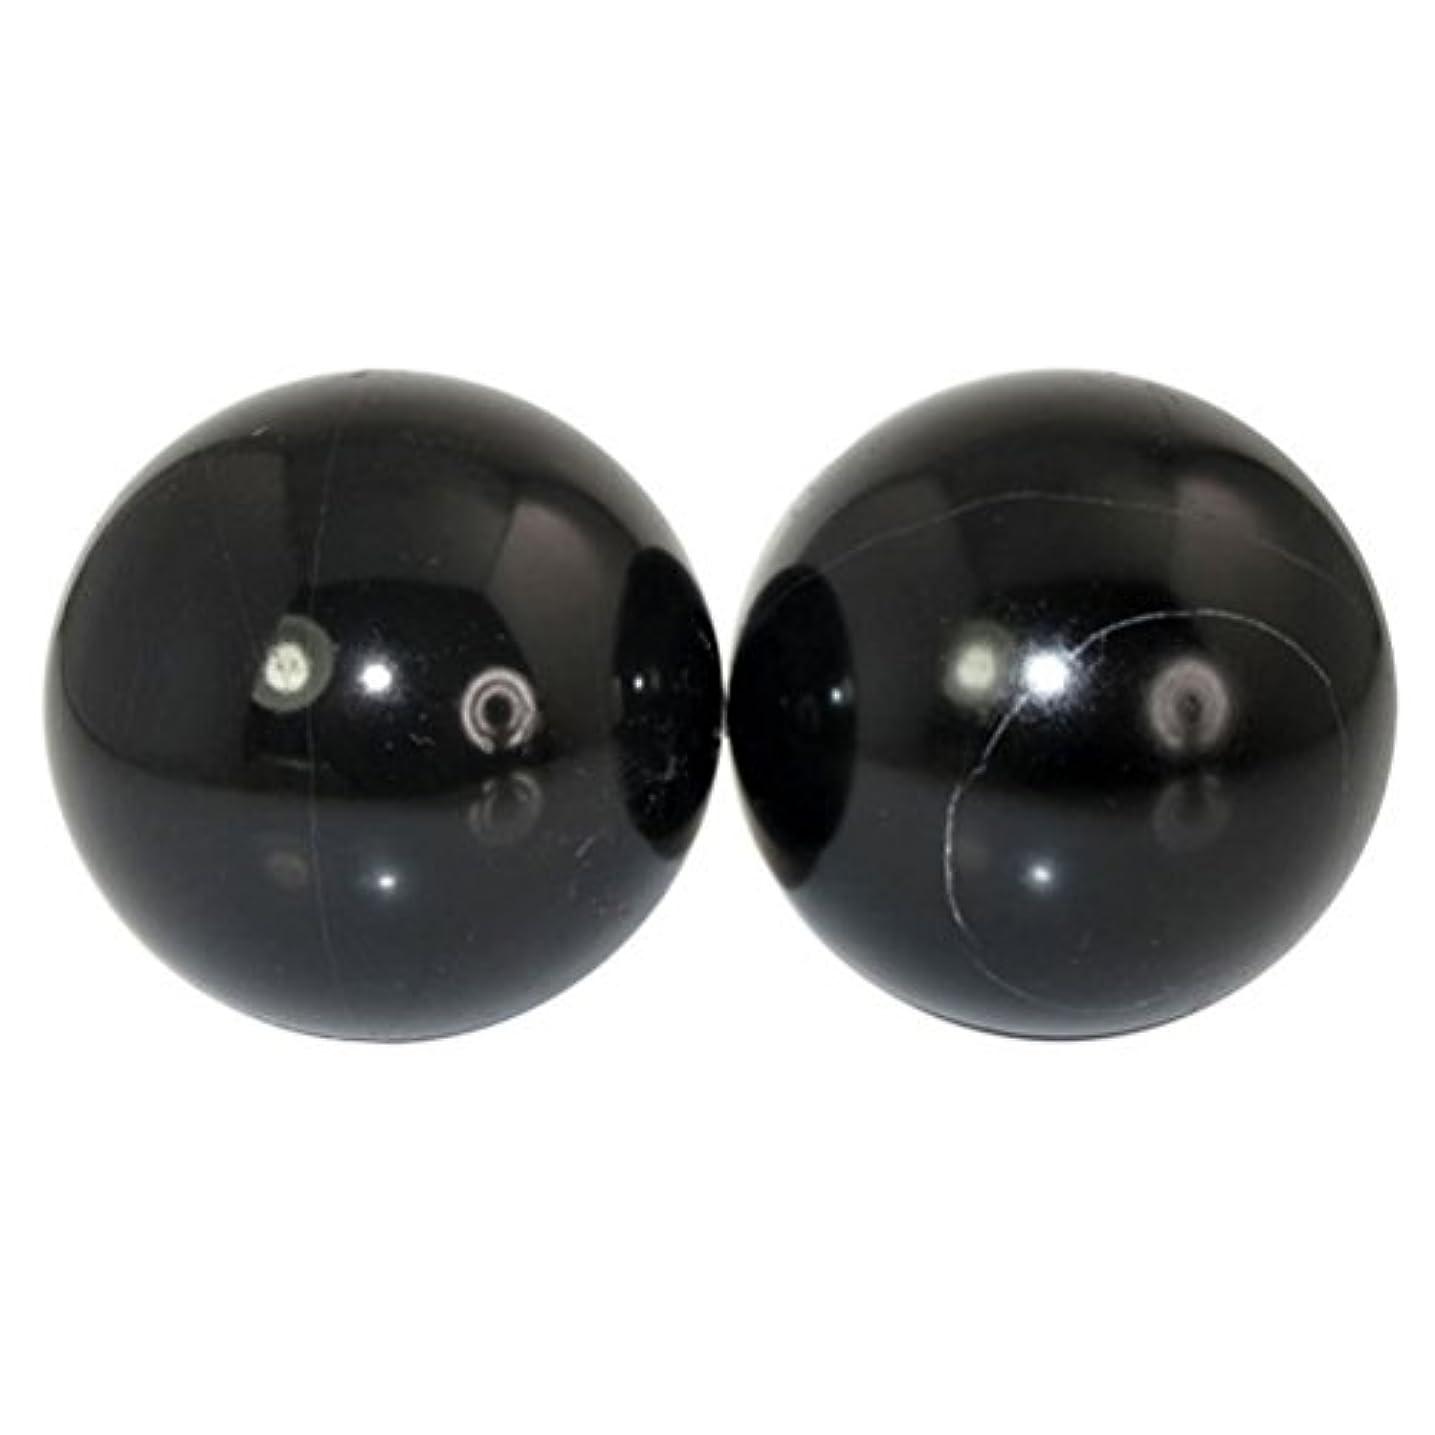 神話論争的死傷者ROSENICE 2本の天然石マッサージボール瞑想フィットネスハンドエクササイズヒーリングボール(手治療用)ストレスレリーフ(黒)